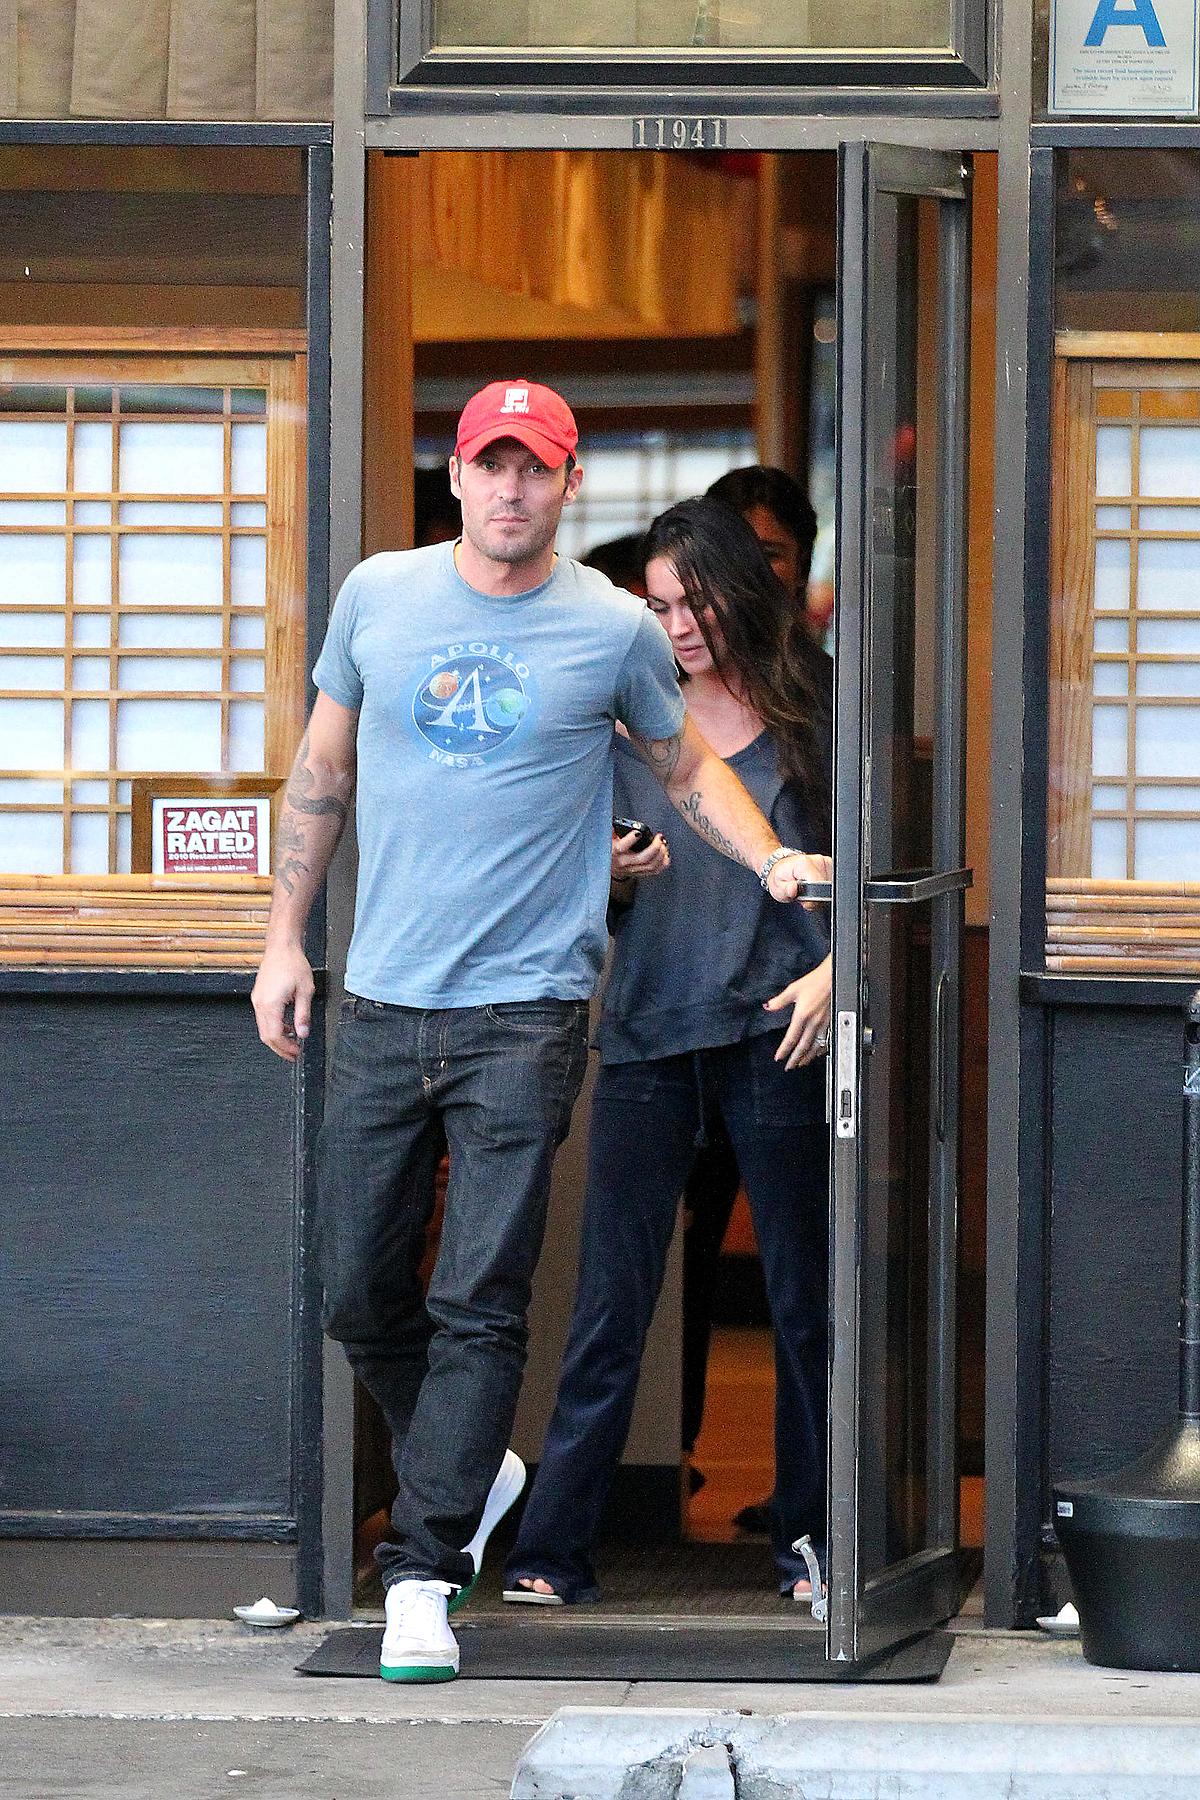 Megan Fox & Brian Austin's Casual Date (PHOTOS)